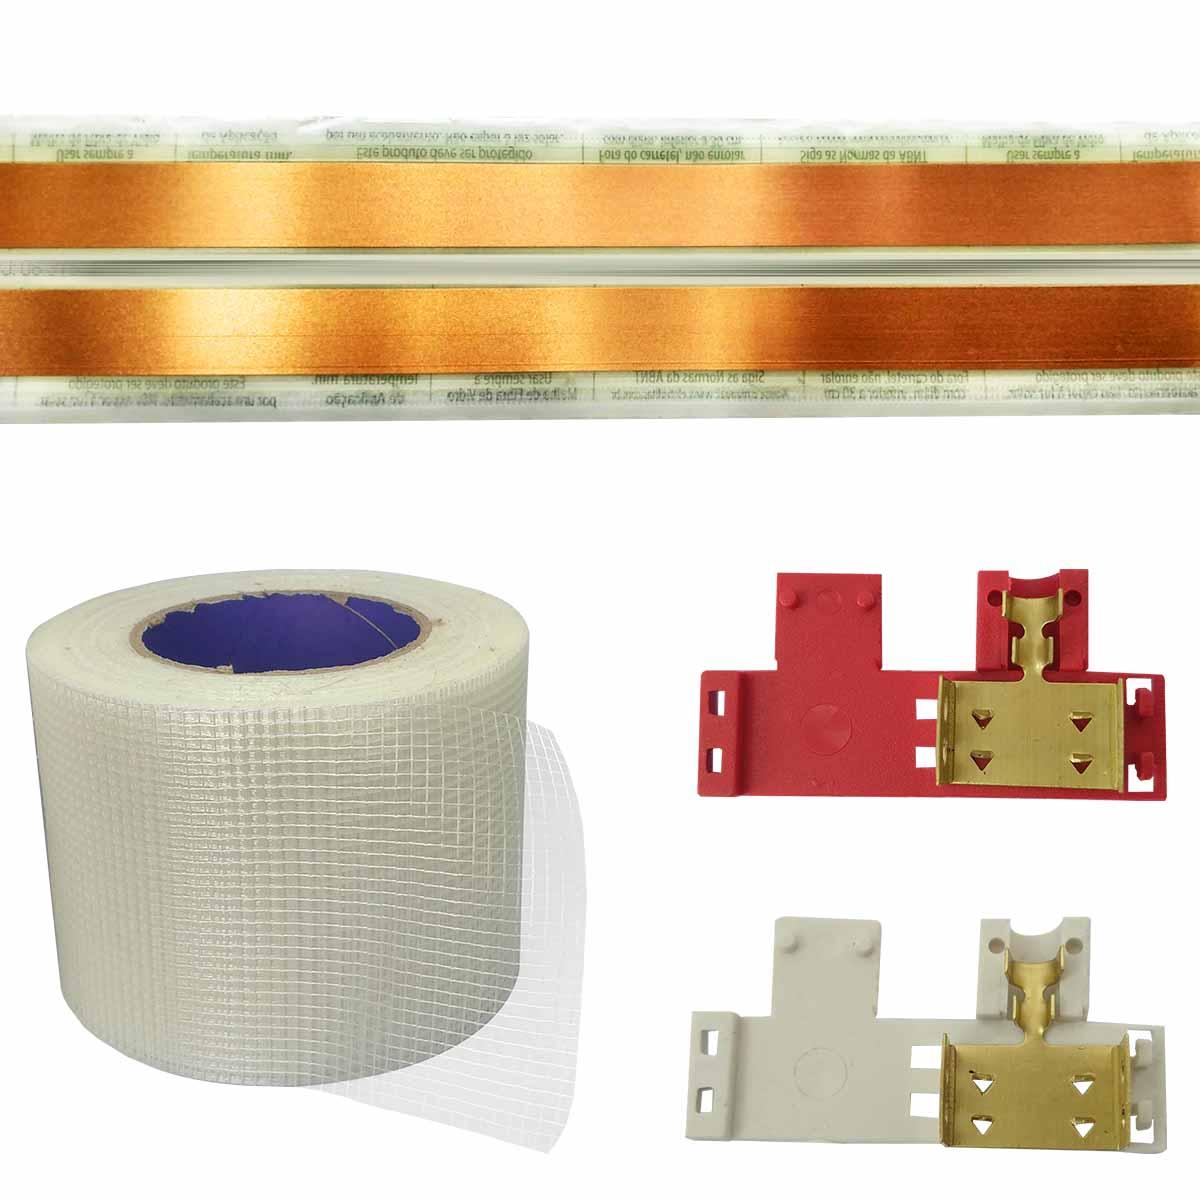 Kit Eletrofita 2 Vias 7 Metros 20A + 12 Conectores